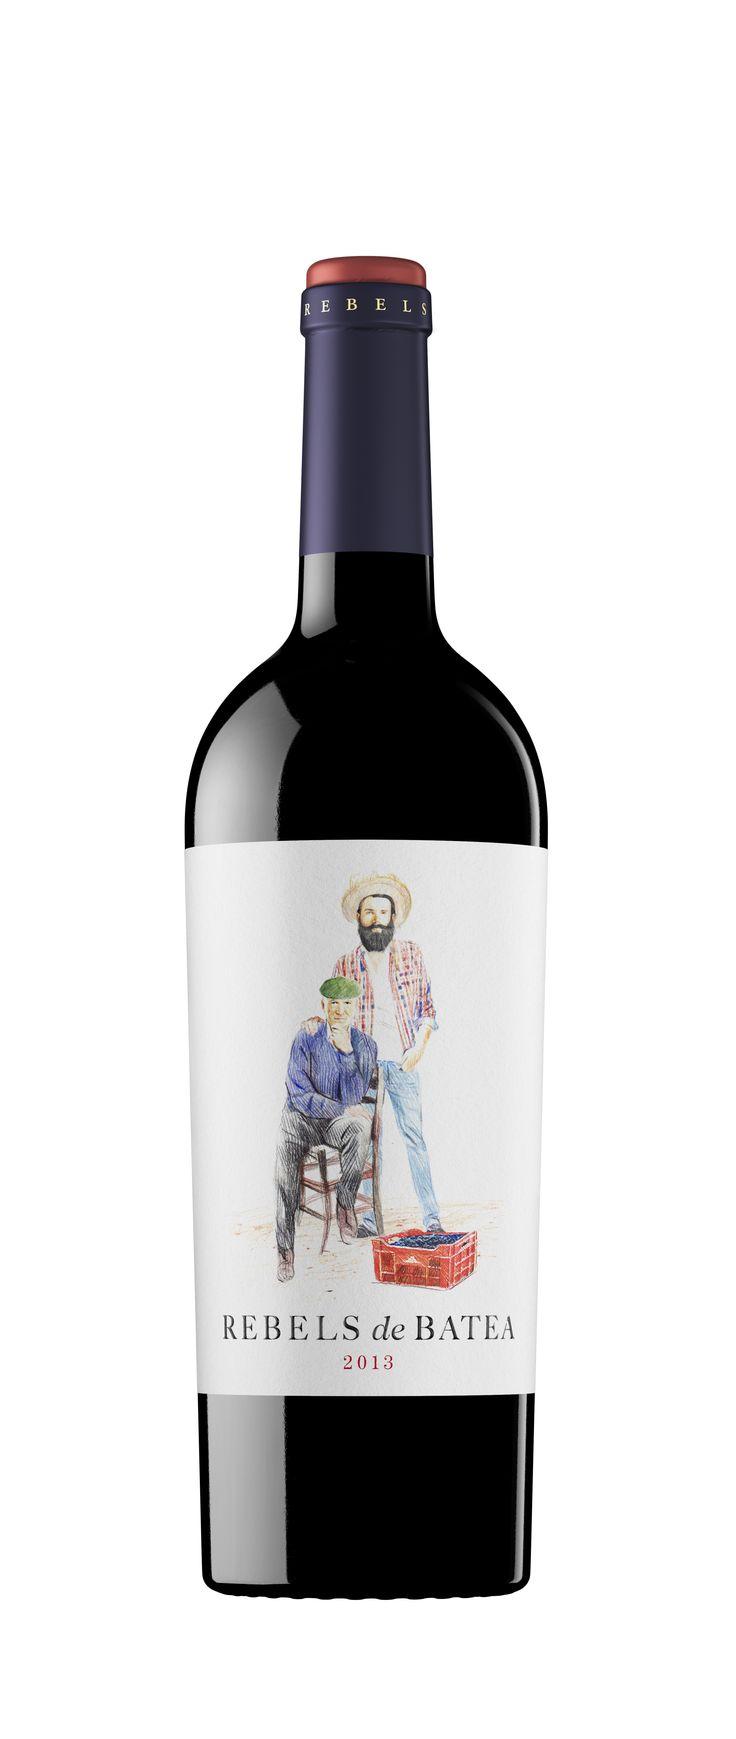 Rebels de Batea tinto 2013 intenso color picota, con aromas francos de fresas y cerezas negras y un paladar suave, sedoso y afrutado, con taninos redondos y buena persistencia. Fresco, puro, fragante y auténtico, es un vino equilibrado, con ricos matices de ciruela madura, ligeras notas de hierbas silvestres y una nítida impronta mineral propia de los terrenos calcáreos donde crecen las viñas de garnacha, íntimamente relacionadas con la historia y el ideario vinícola catalán. #taninotanino